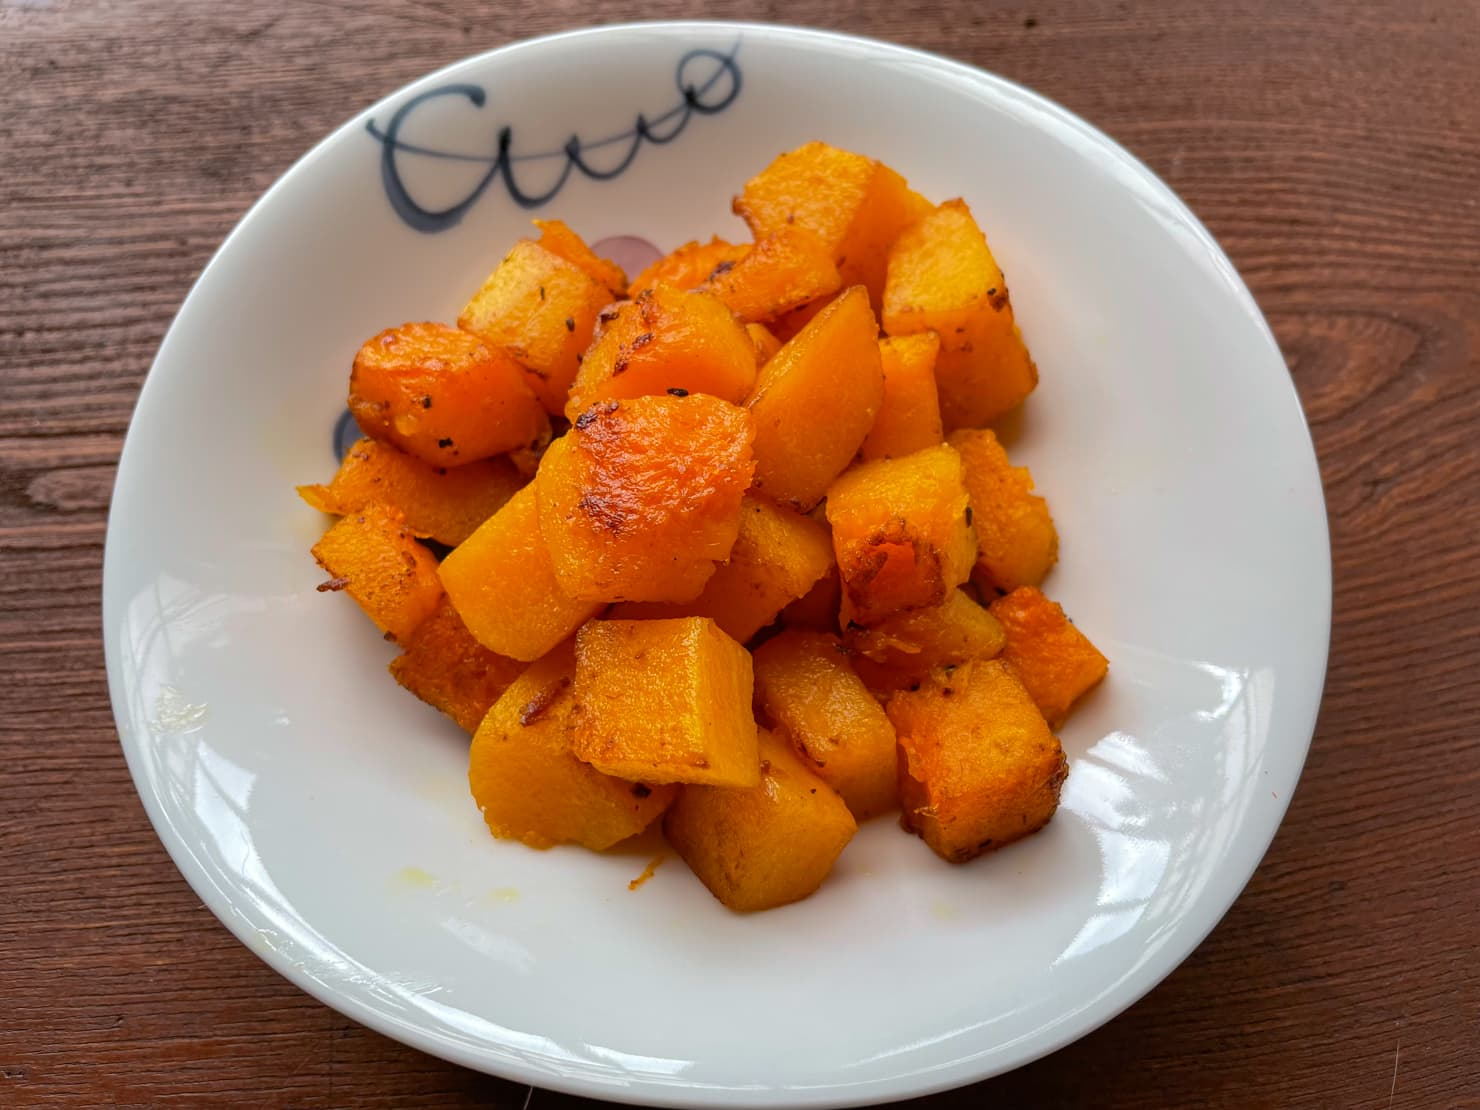 バターナッツかぼちゃのシンプルソテーの写真